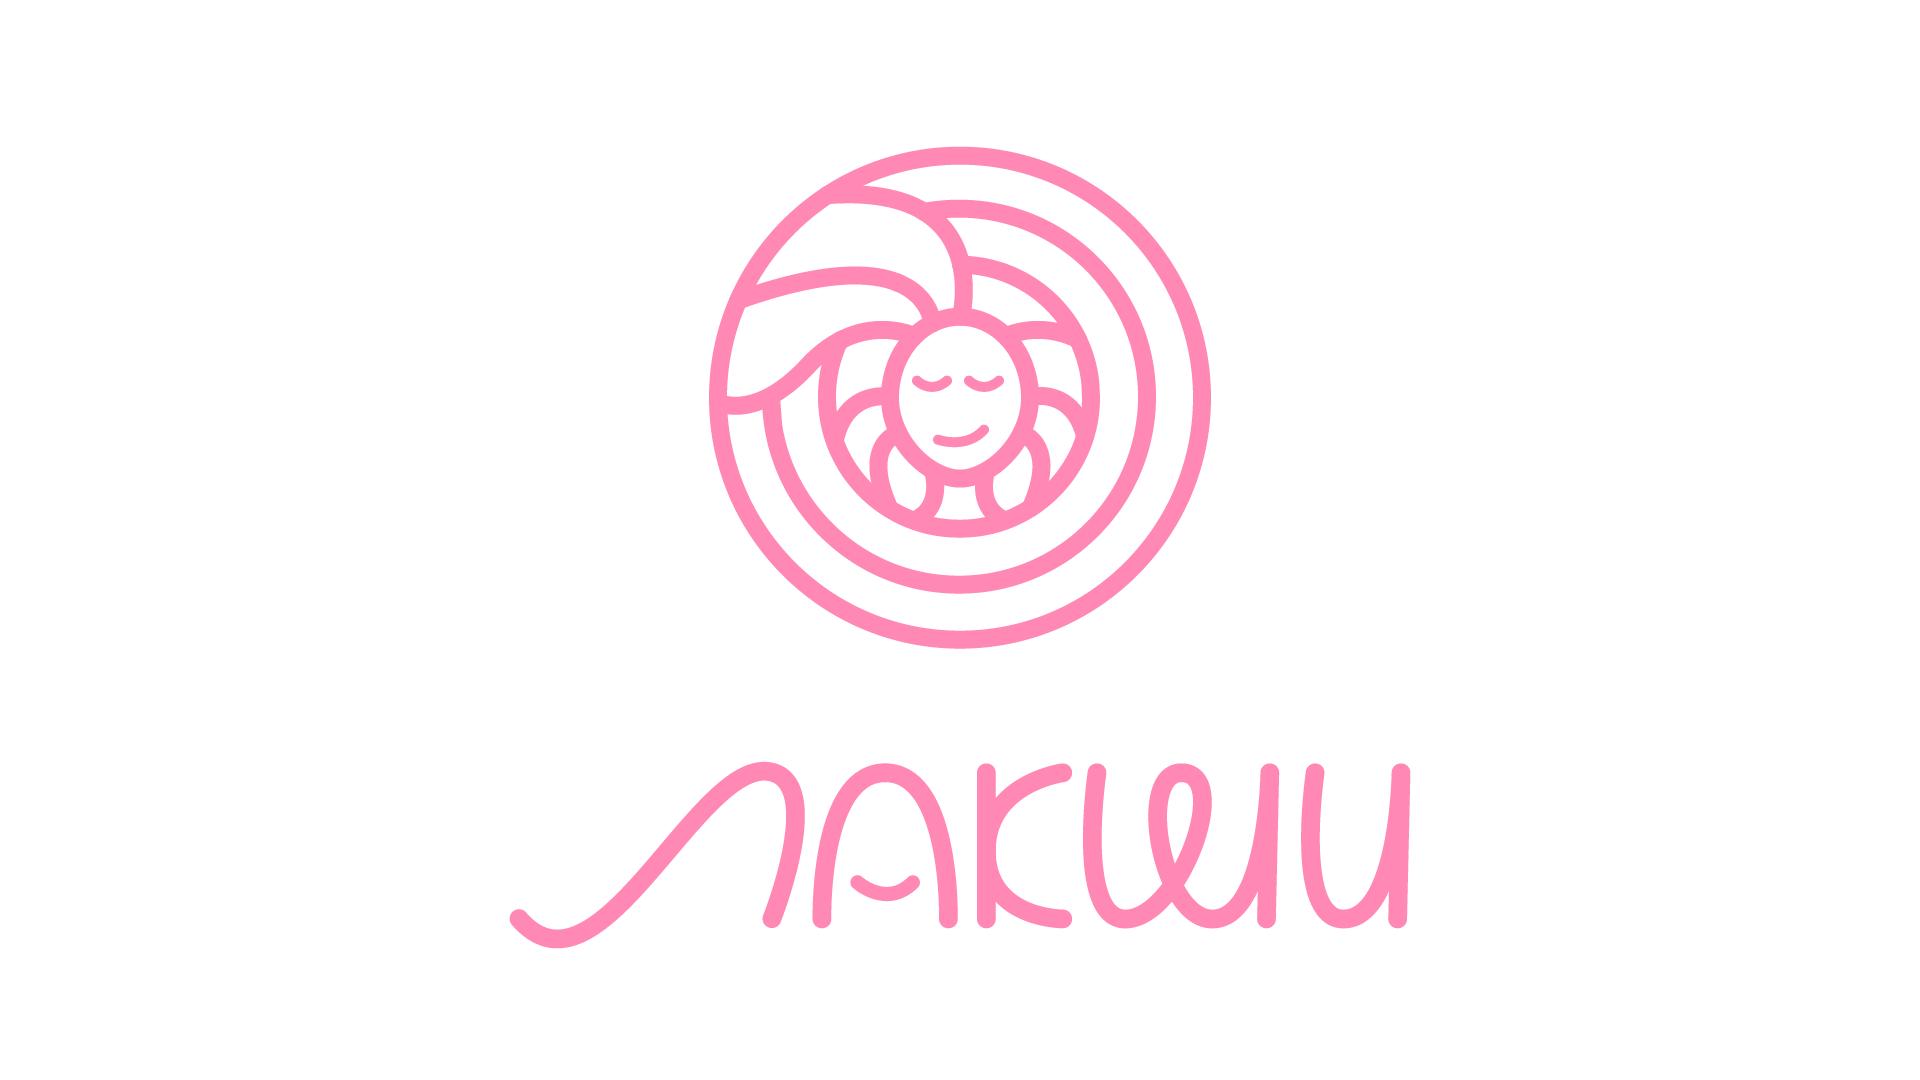 Разработка логотипа фирменного стиля фото f_0585c6a8f9ca601c.png